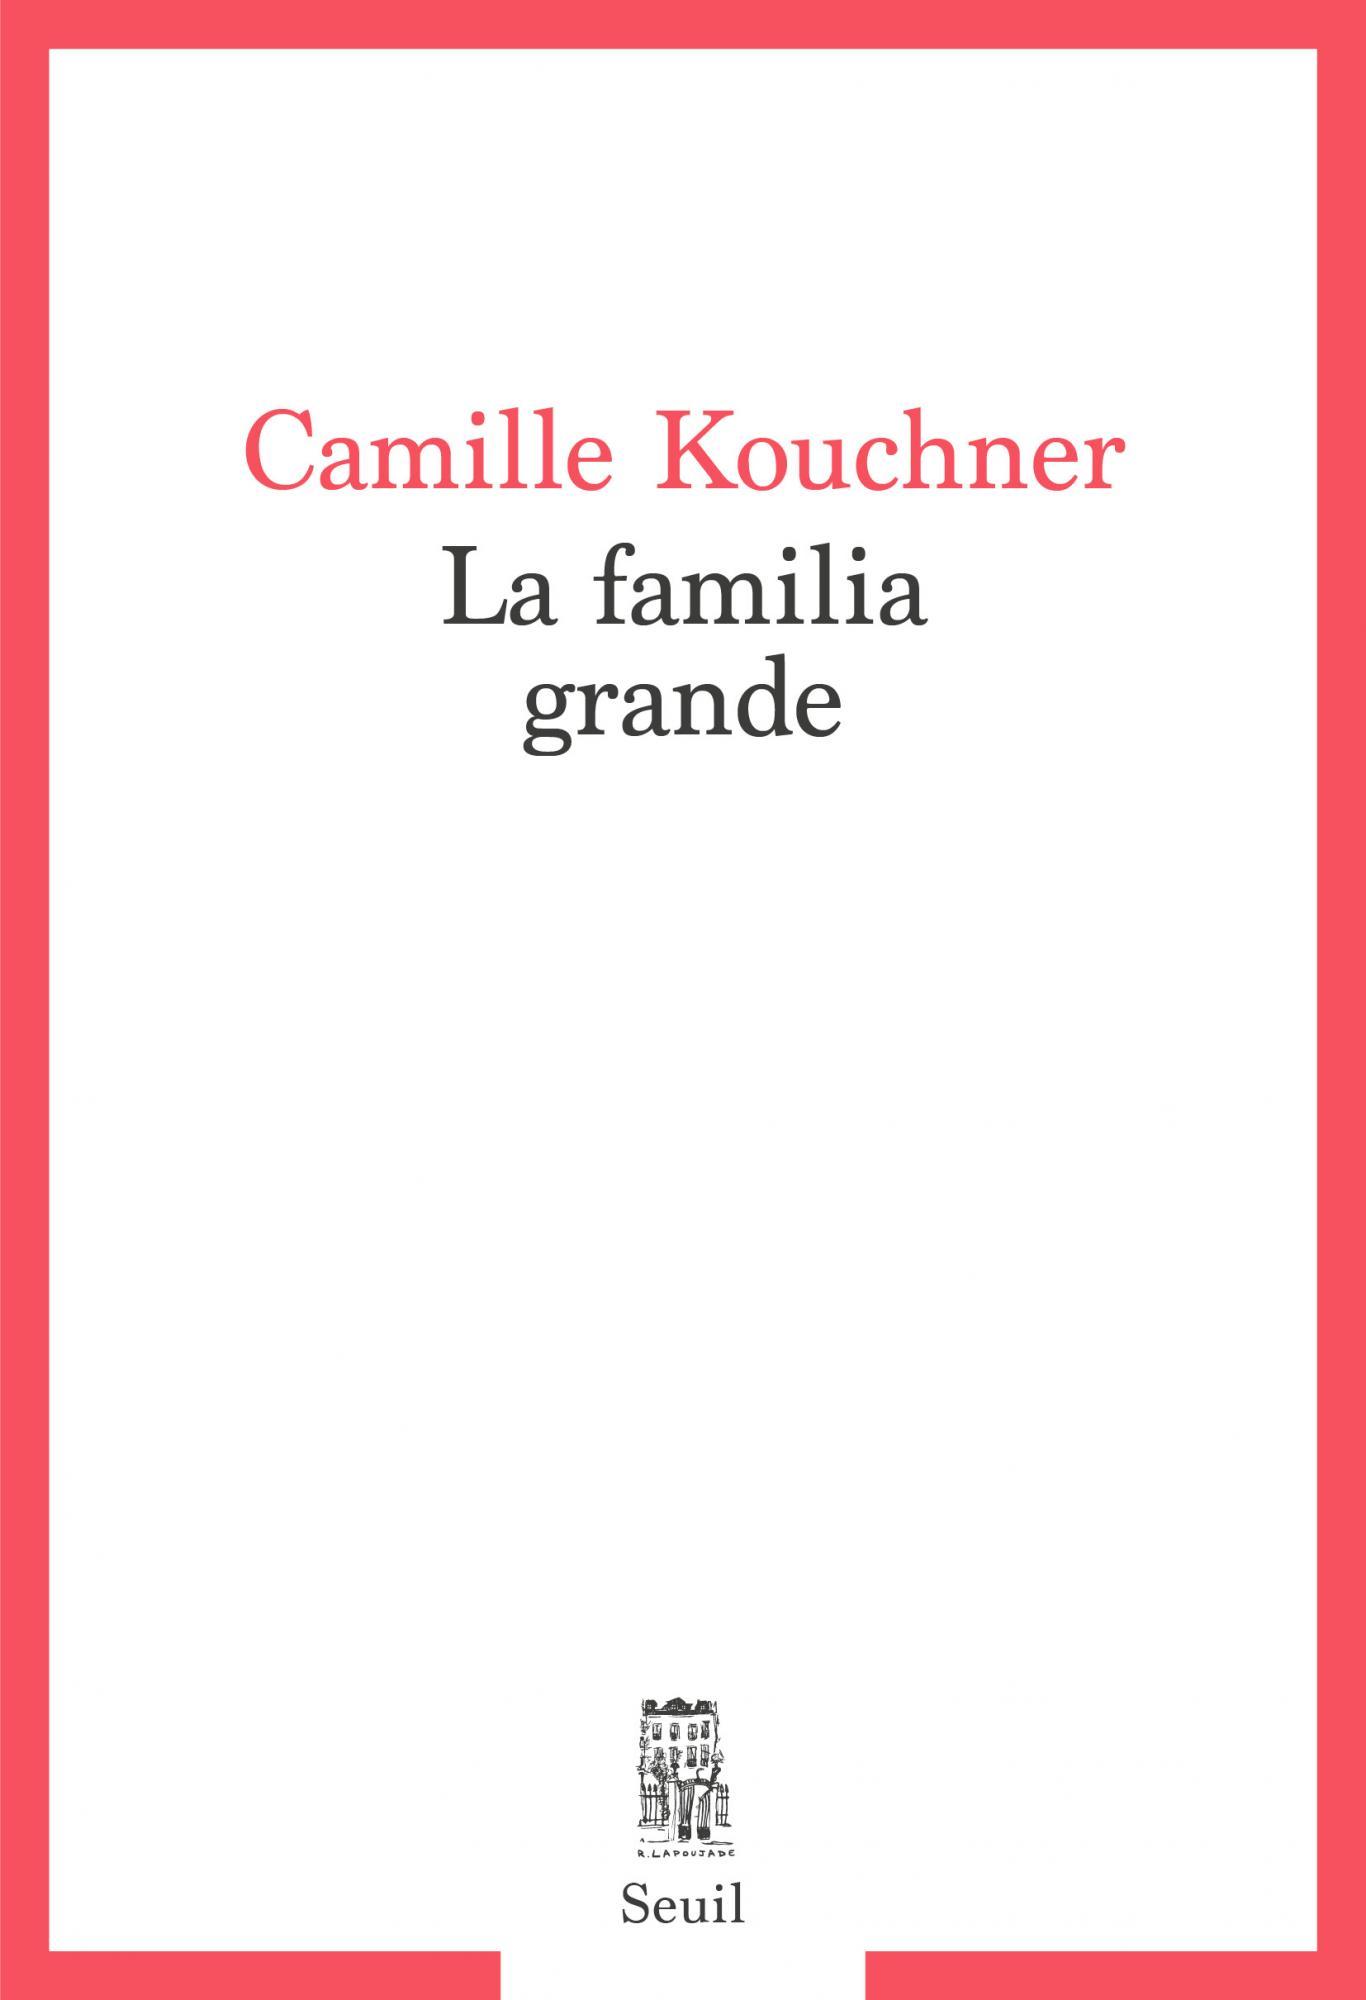 Camille Kouchner, la Familia grande, 2021, couverture